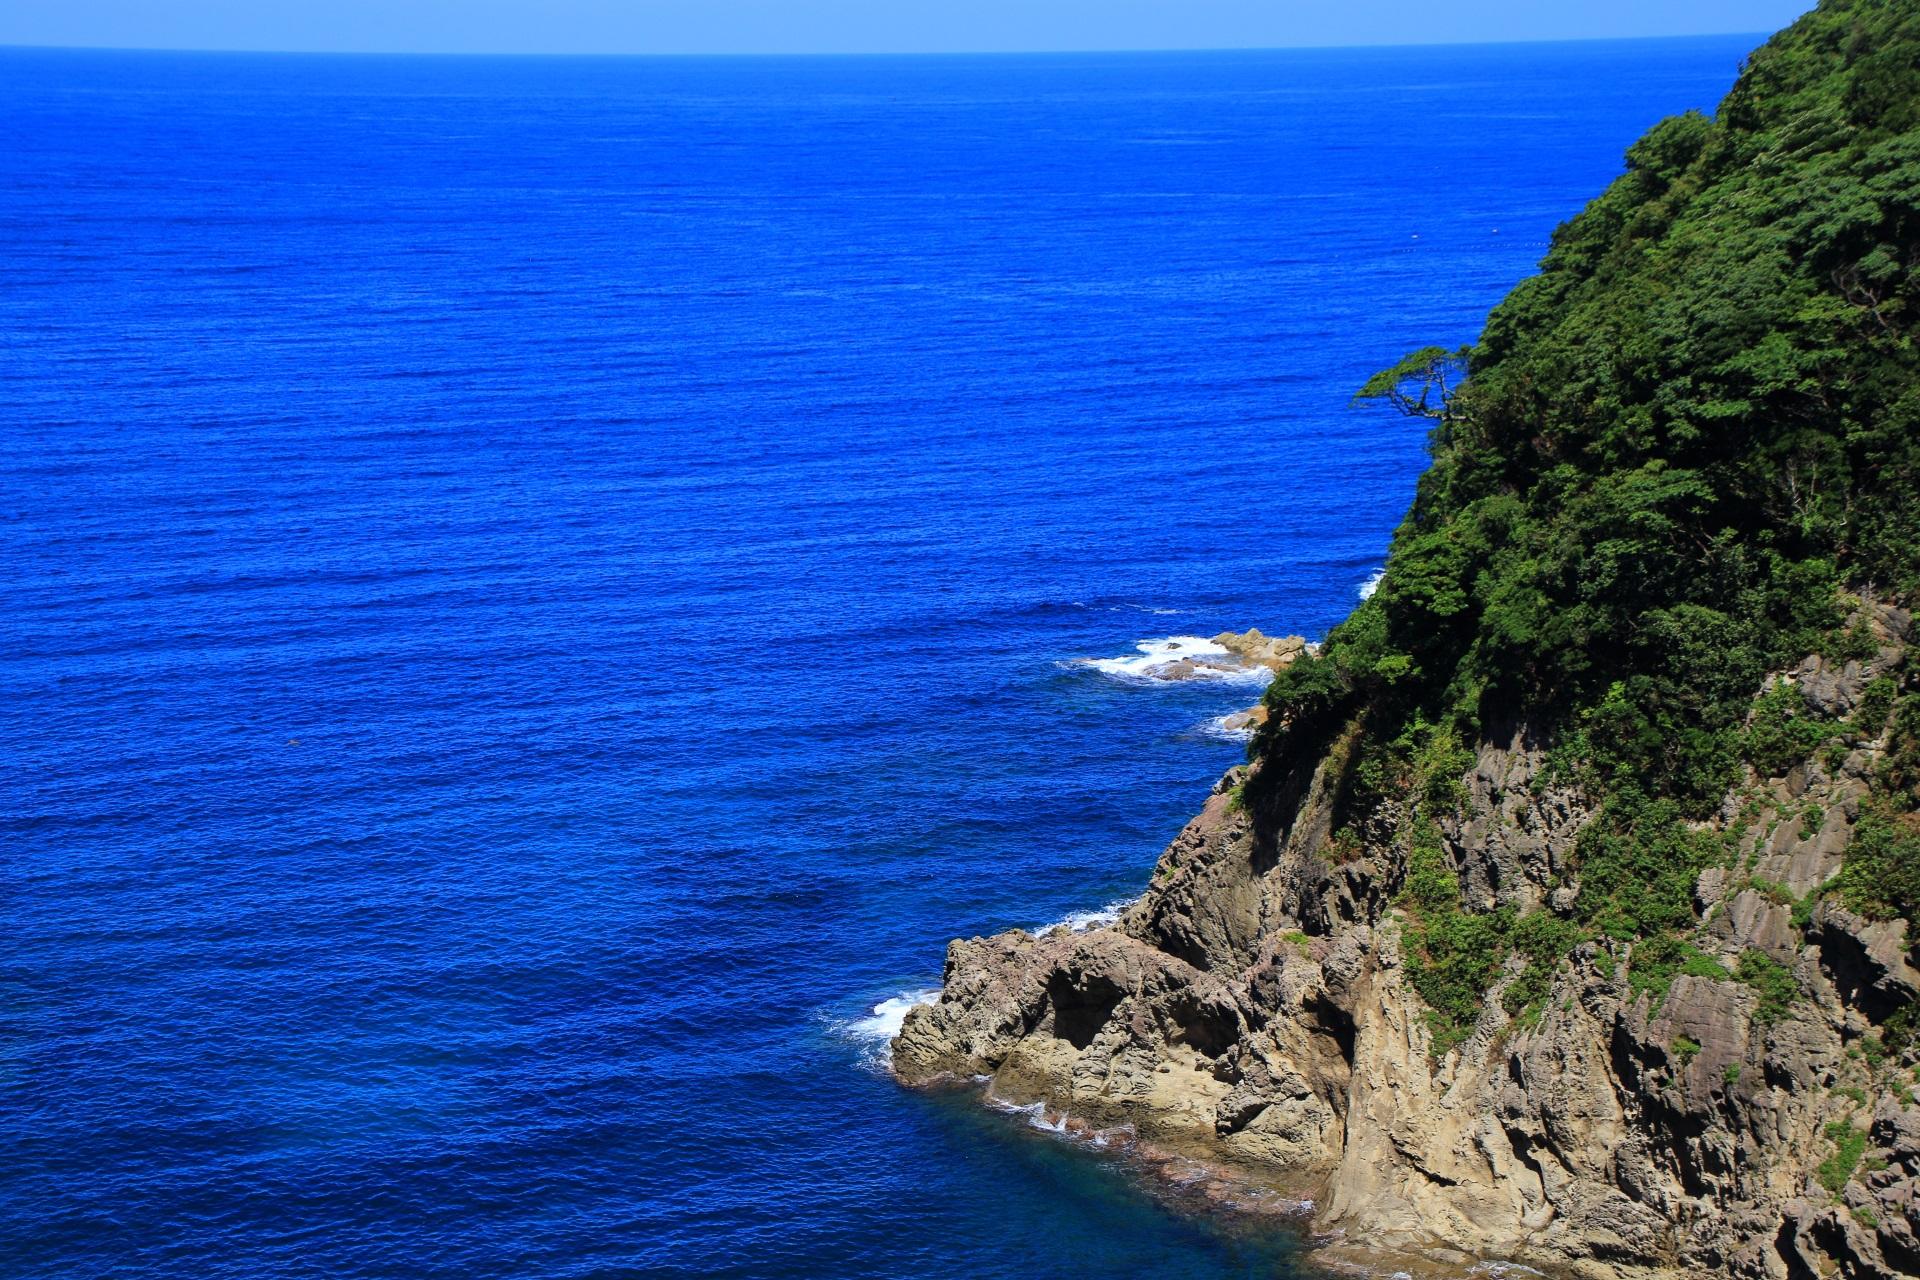 断崖絶壁に立派に育つ緑や木々